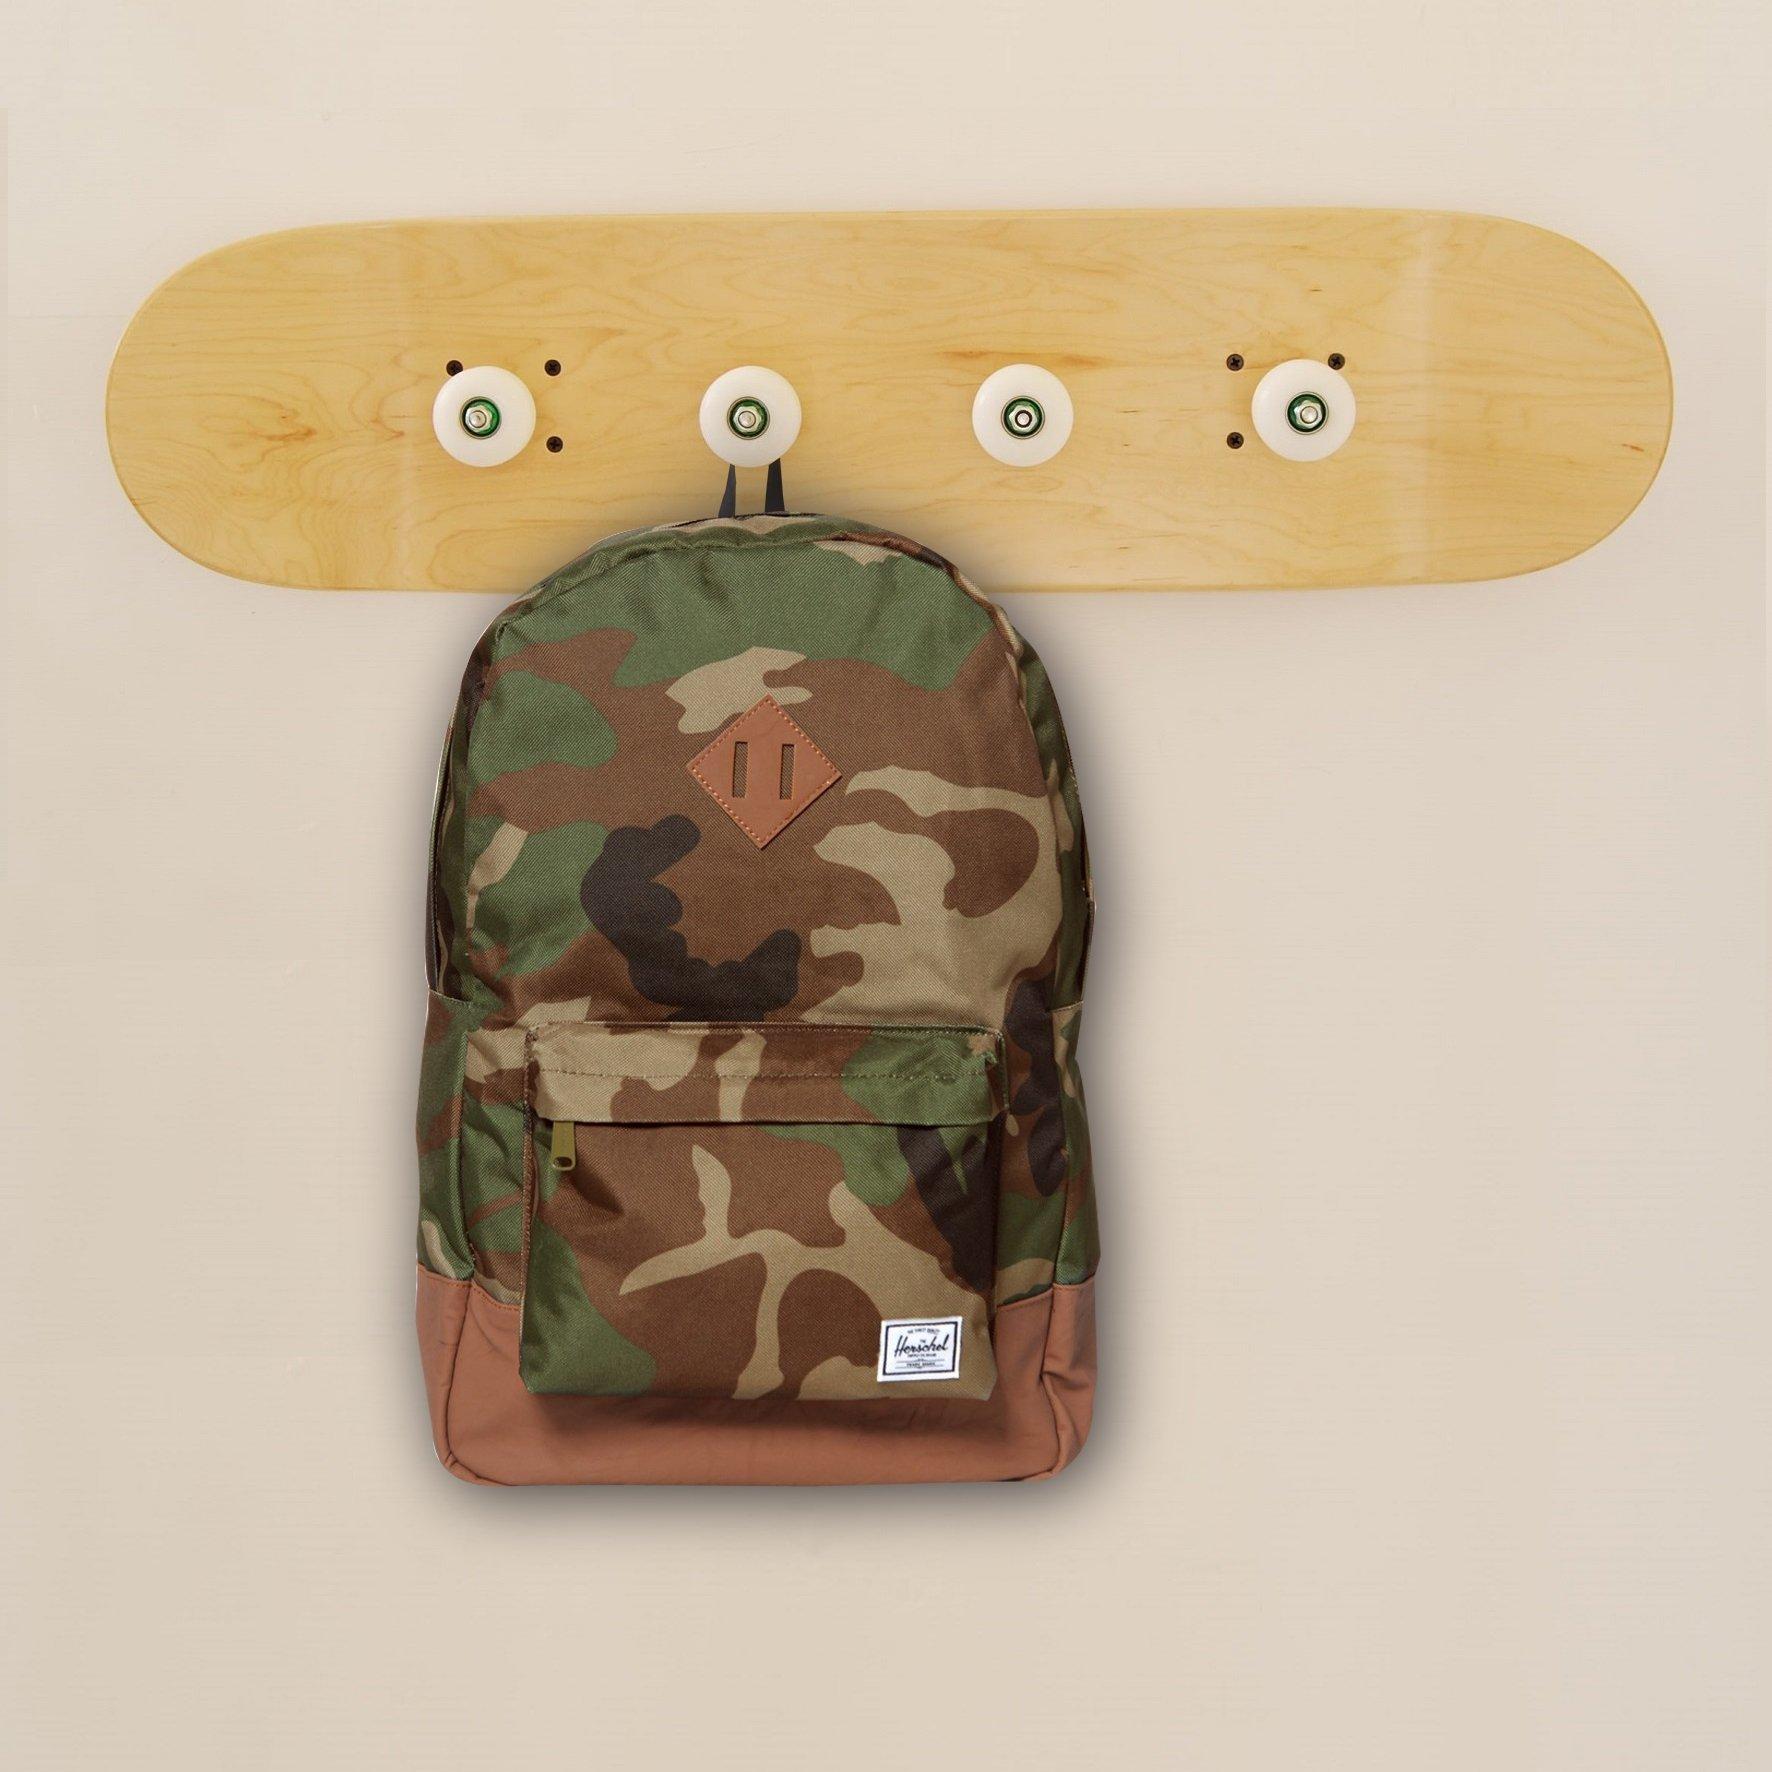 Skateboard wheels on Skateboard coat rack - Decoration kids bedroom - Varnished natural wood by SKATE HOME